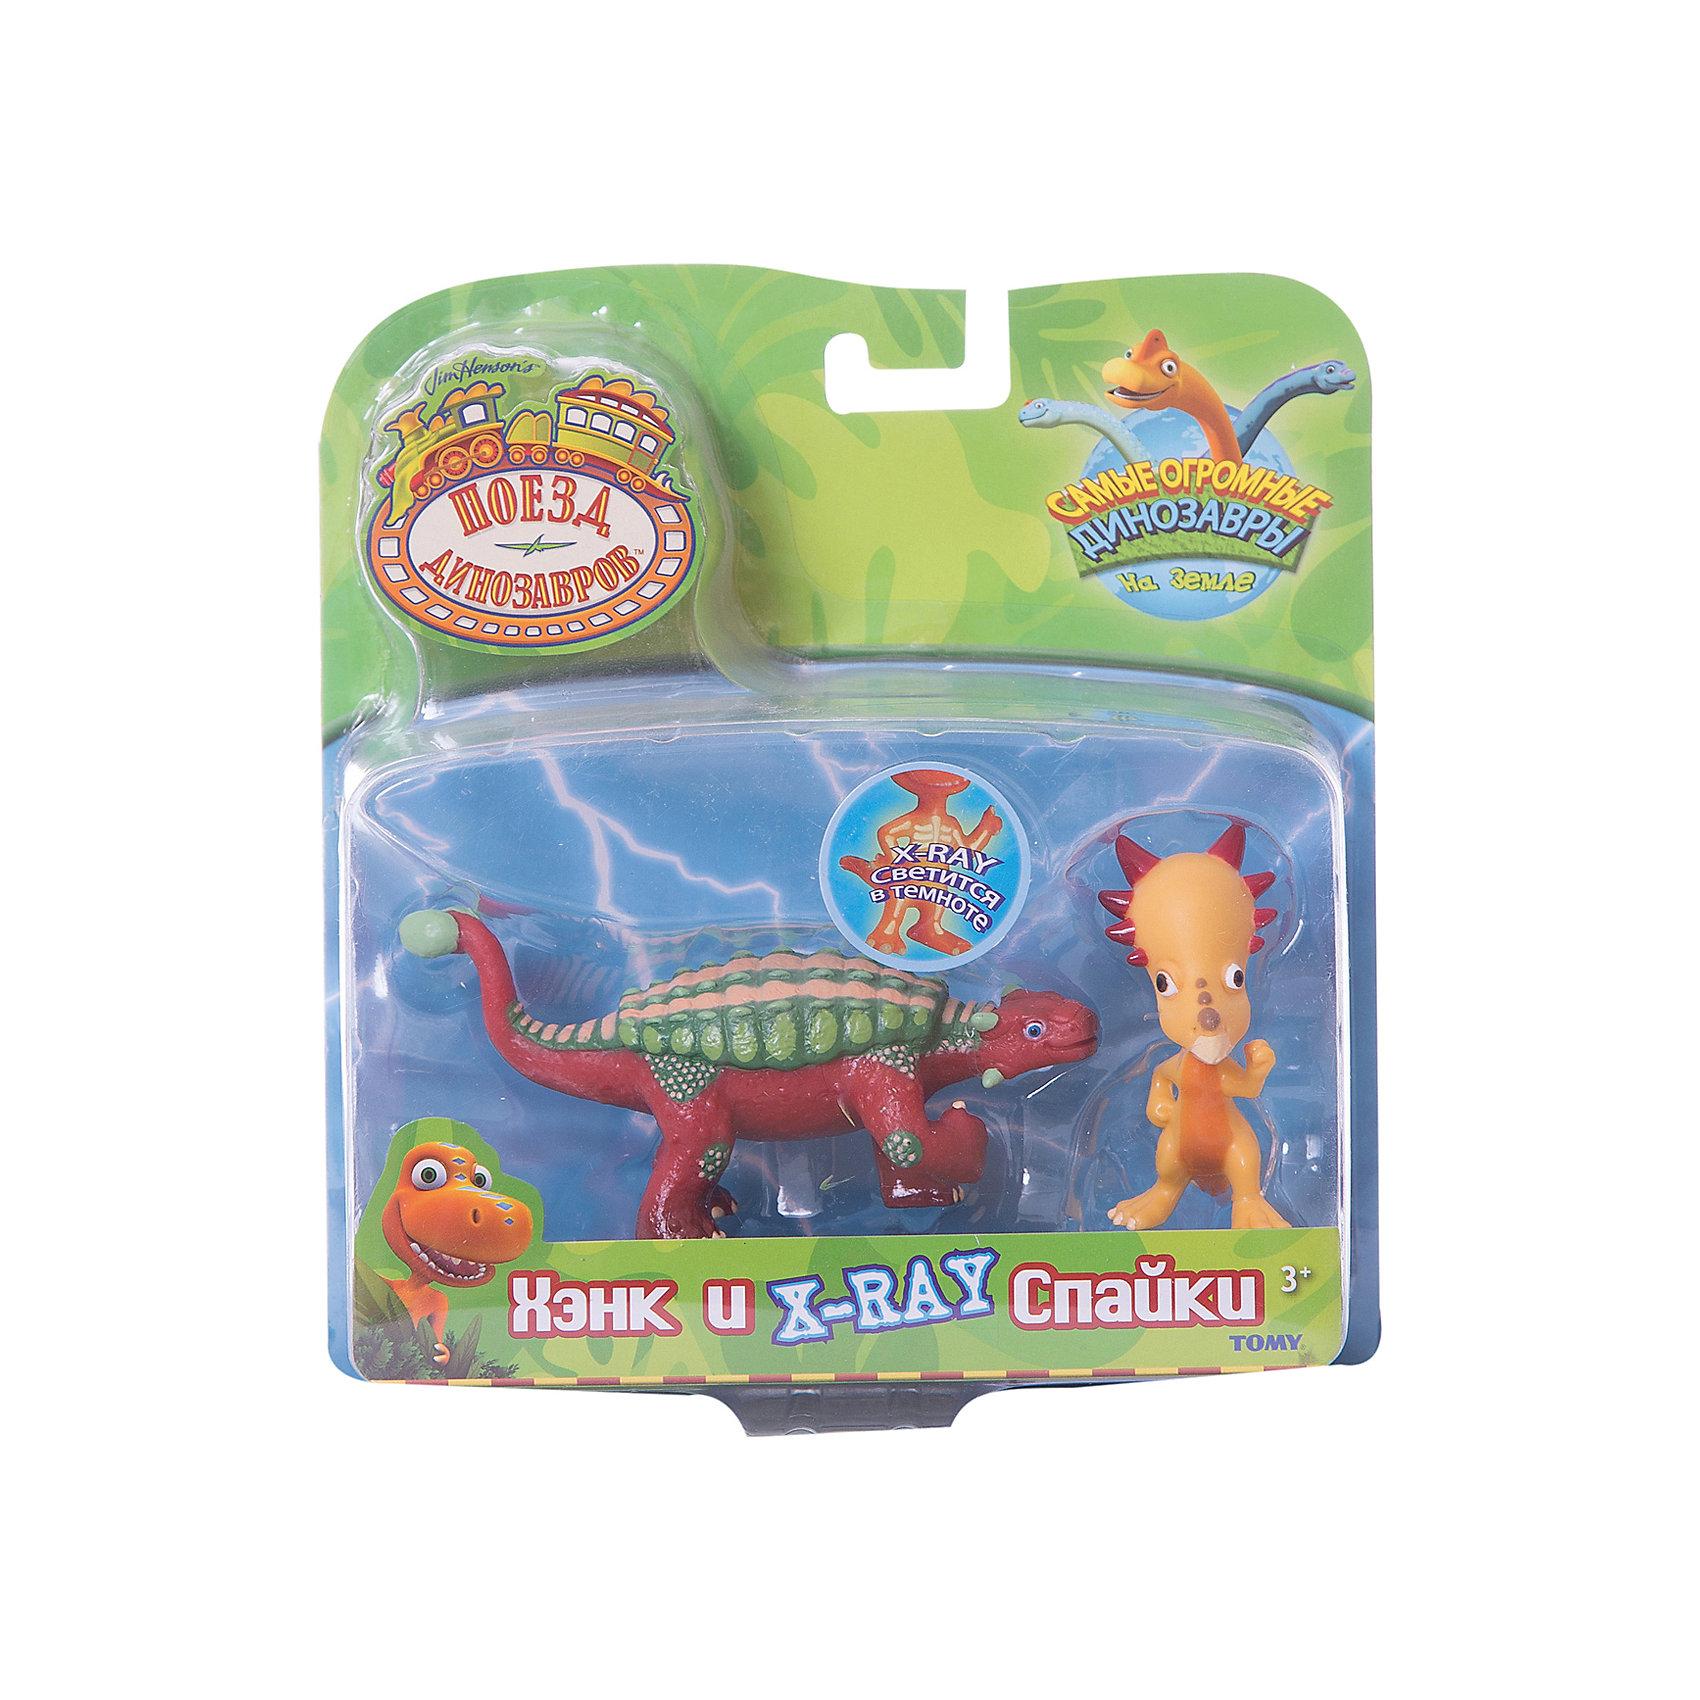 Набор из двух фигурок Хэнк и X-Ray Спайки,Поезд ДинозавровФигурки из мультфильмов<br>Играть с динозаврами любит практически каждый мальчишка. Сделать игру ярче и увлекательнее поможет этот игровой набор, в него входят герои мультфильма  Поезд Динозавров. Игрушки в нем отлично детализированы, в комплект входят фигурки Хэнк и X-Ray Спайки (его скелетик светится в темноте).                          <br>Этот набор обязательно порадует ребенка! Игры с ним помогают детям развивать воображение, логику, мелкую моторику и творческое мышление. Набор сделан из качественных и безопасных для ребенка материалов.<br><br>Дополнительная информация:<br><br>цвет: разноцветный;<br>размер упаковки: 18 х 19 х 7 см;<br>вес: 217 г;<br>материал: пластик.<br><br>Набор из двух фигурок Хэнк и X-Ray Спайки,Поезд Динозавров можно купить в нашем магазине.<br><br>Ширина мм: 180<br>Глубина мм: 190<br>Высота мм: 70<br>Вес г: 217<br>Возраст от месяцев: 36<br>Возраст до месяцев: 2147483647<br>Пол: Унисекс<br>Возраст: Детский<br>SKU: 4918478